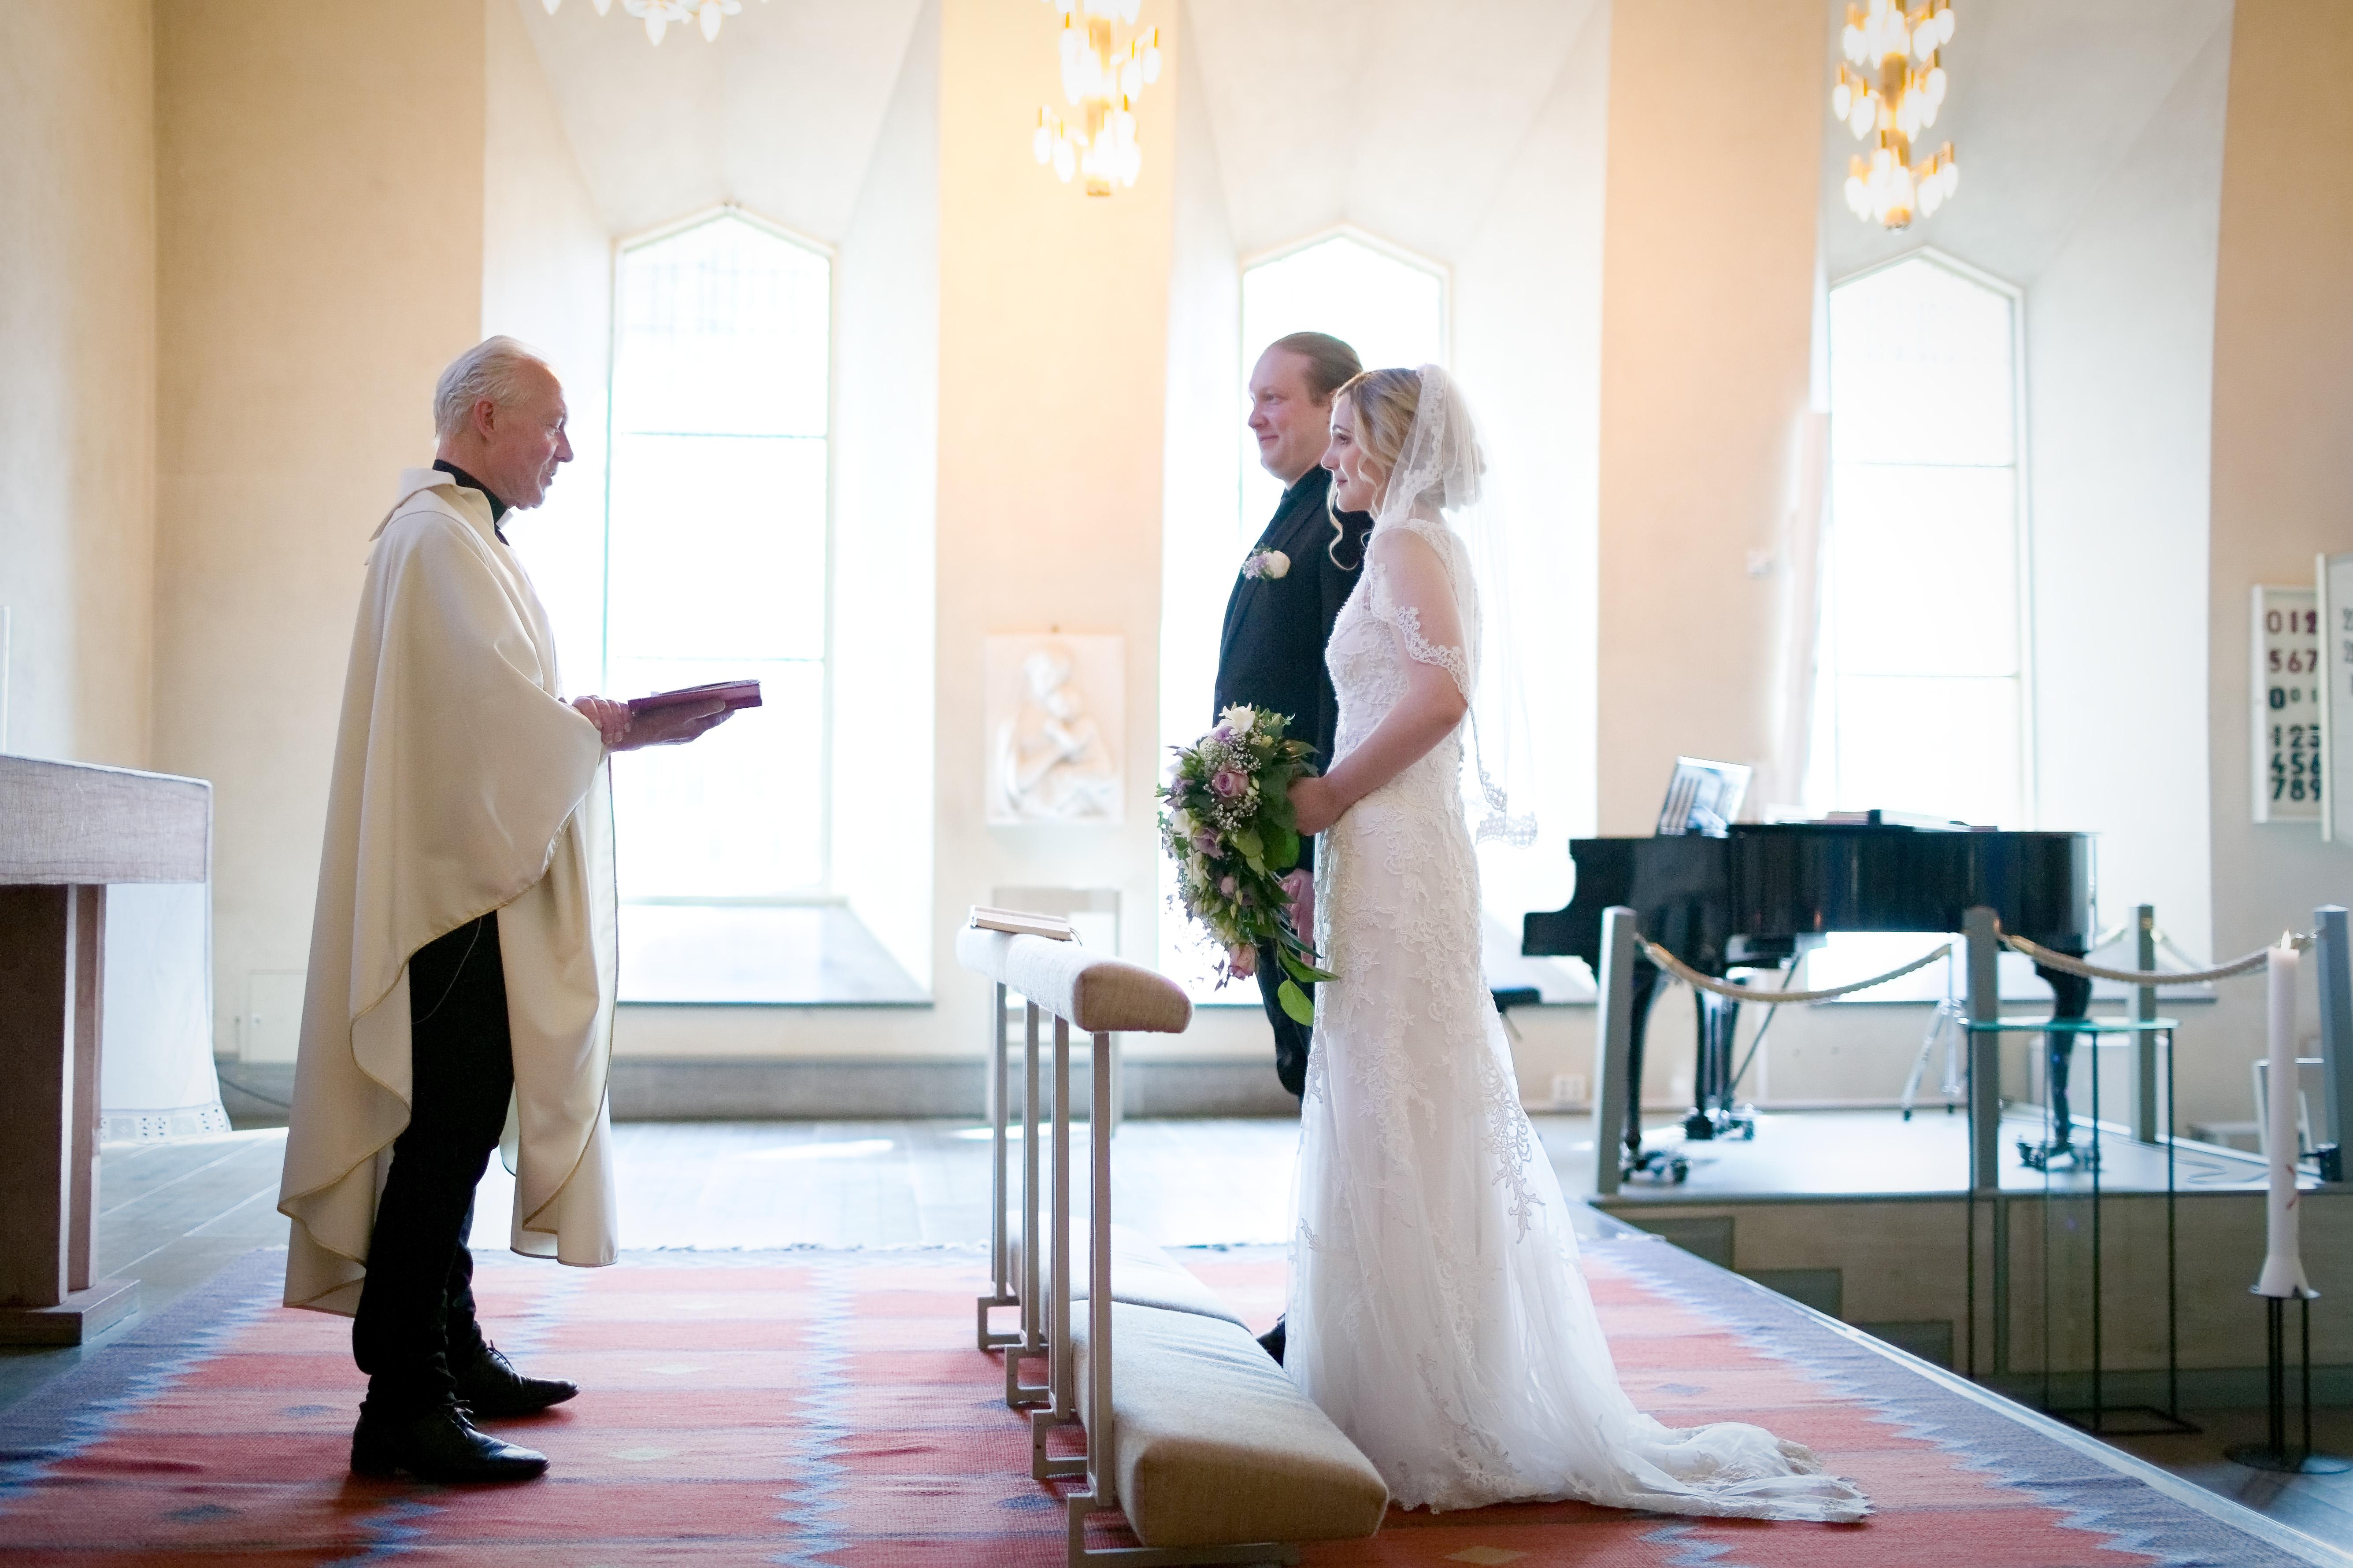 Bröllopsceremoni 1 - Ängby kyrka